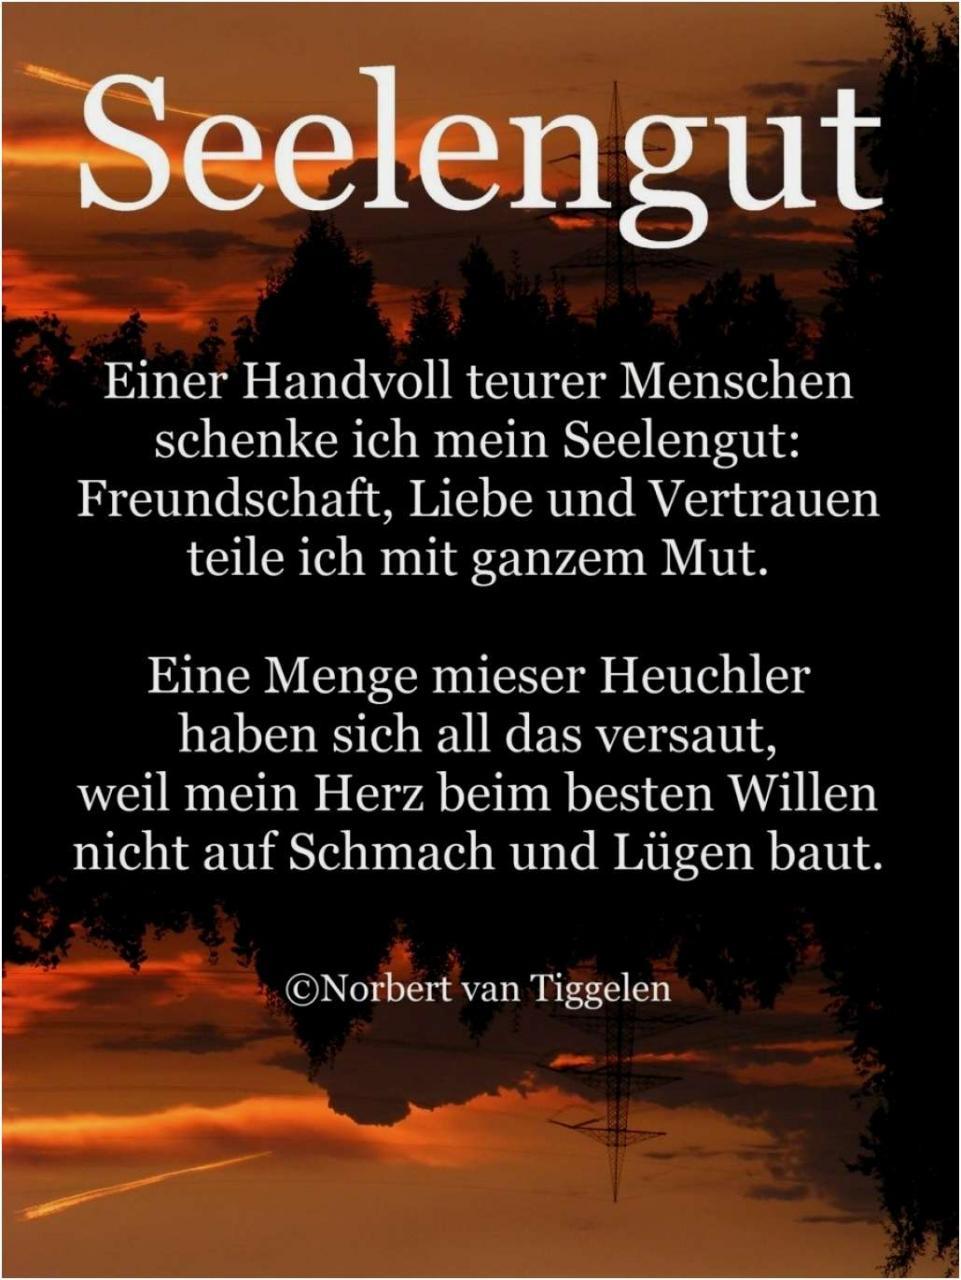 Philosophische Zitate Liebe Image Collections Besten Zitate Philosophische Zitate Liebe Gallery Besten Zitate Ideen